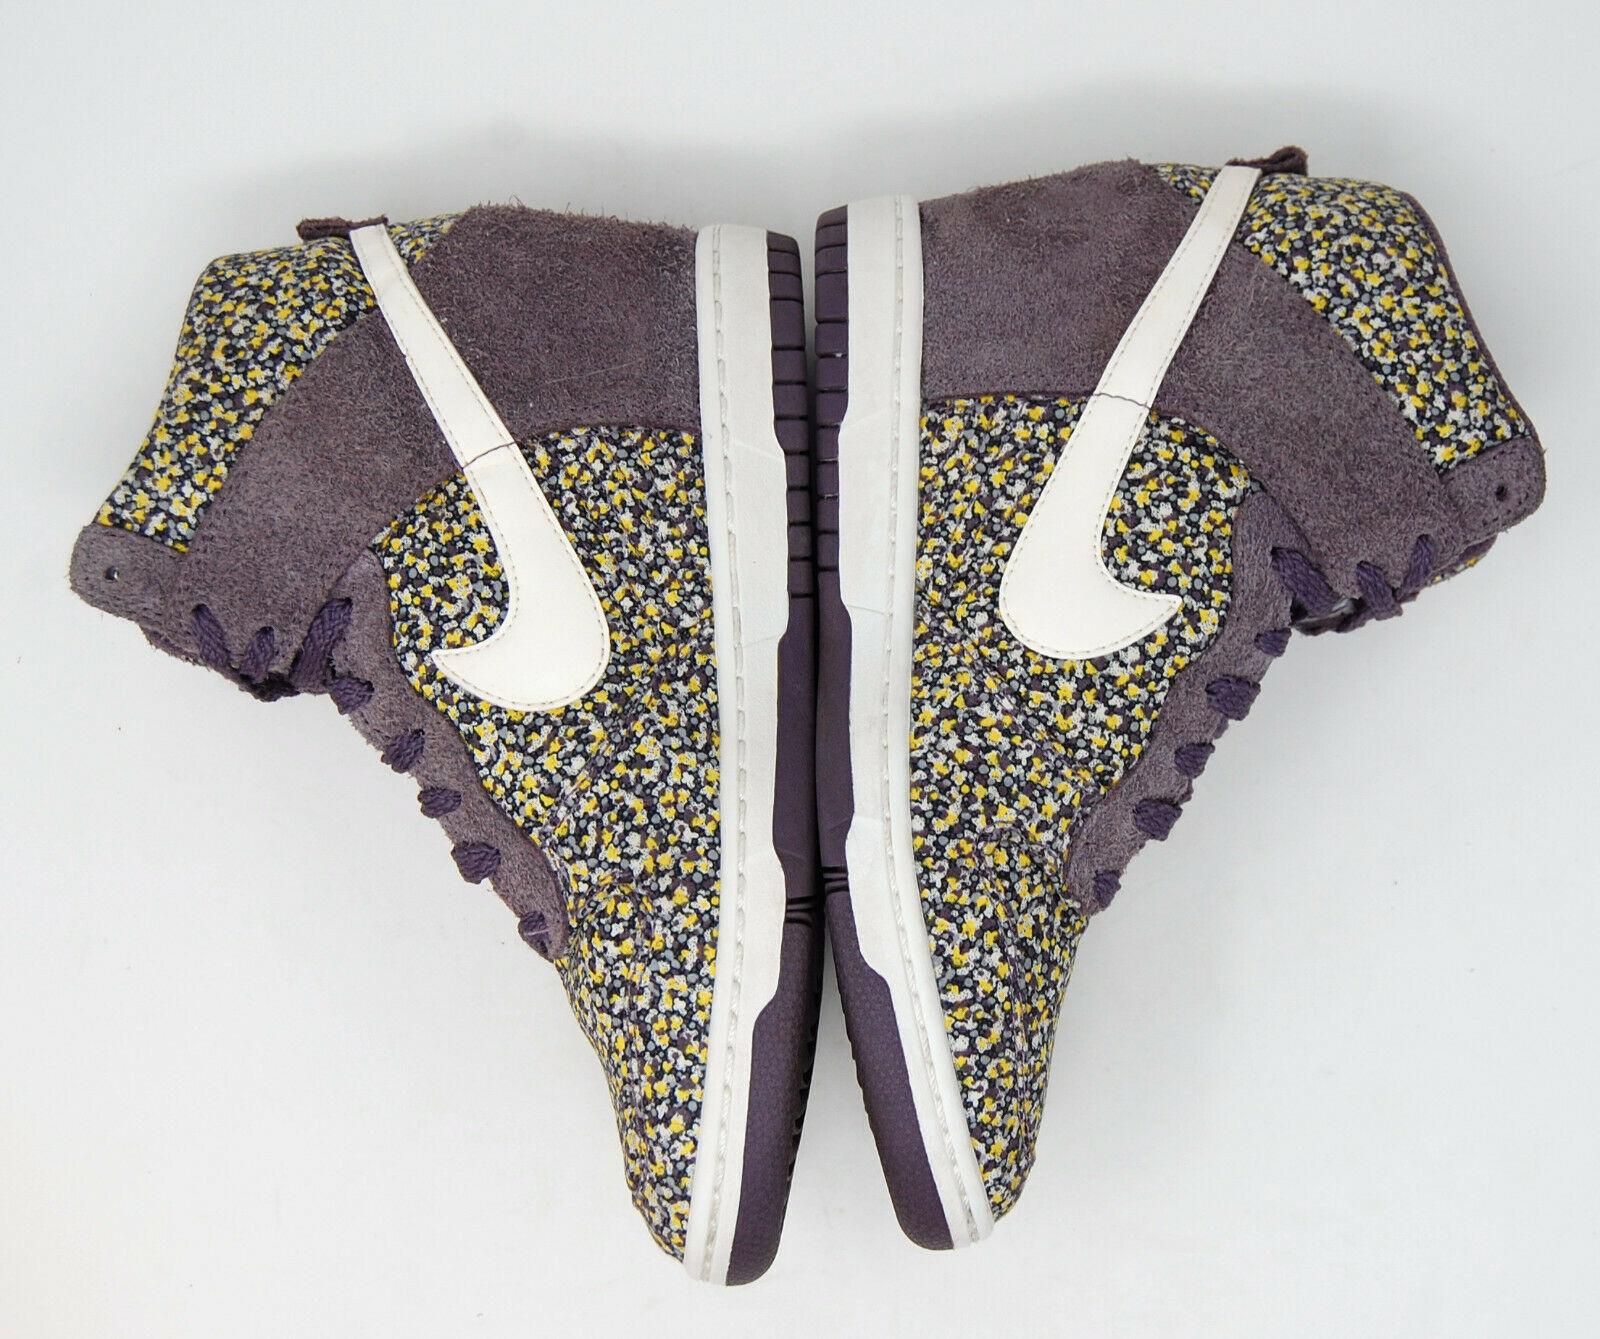 NIKE Dunk Sky Hi Liberty Purple hidden heel wedge sneaker 7.5